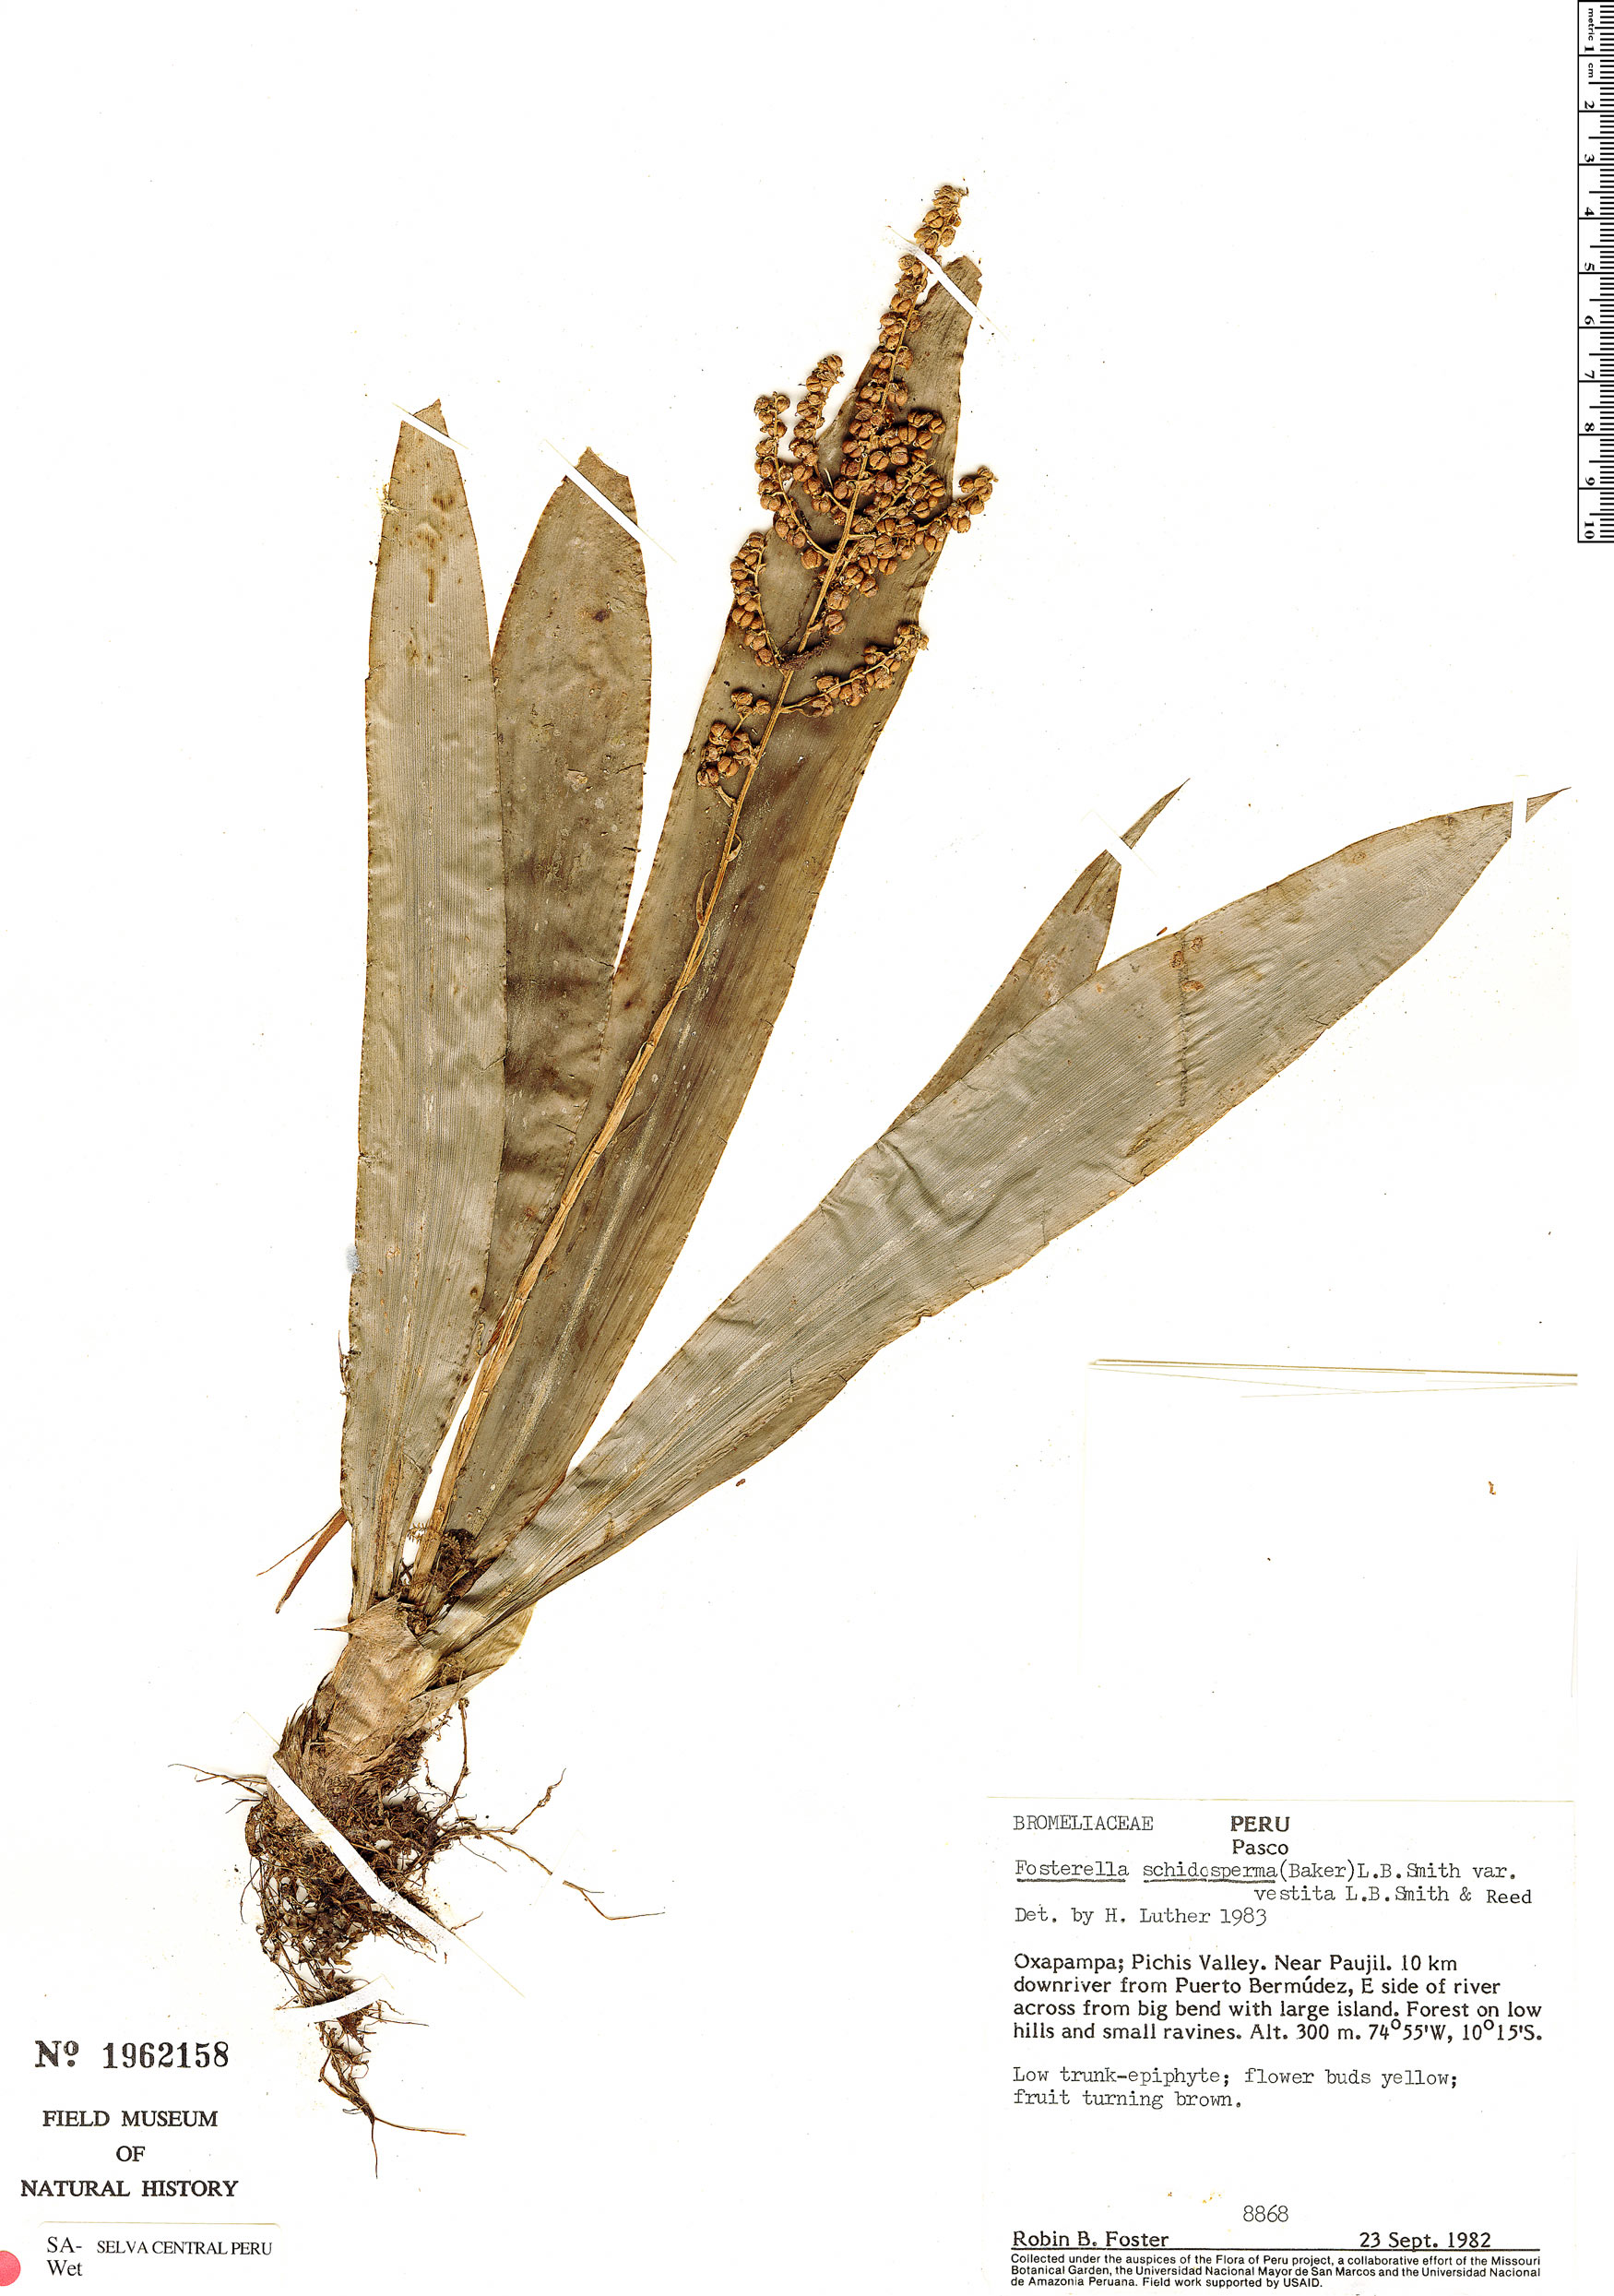 Specimen: Fosterella nicoliana